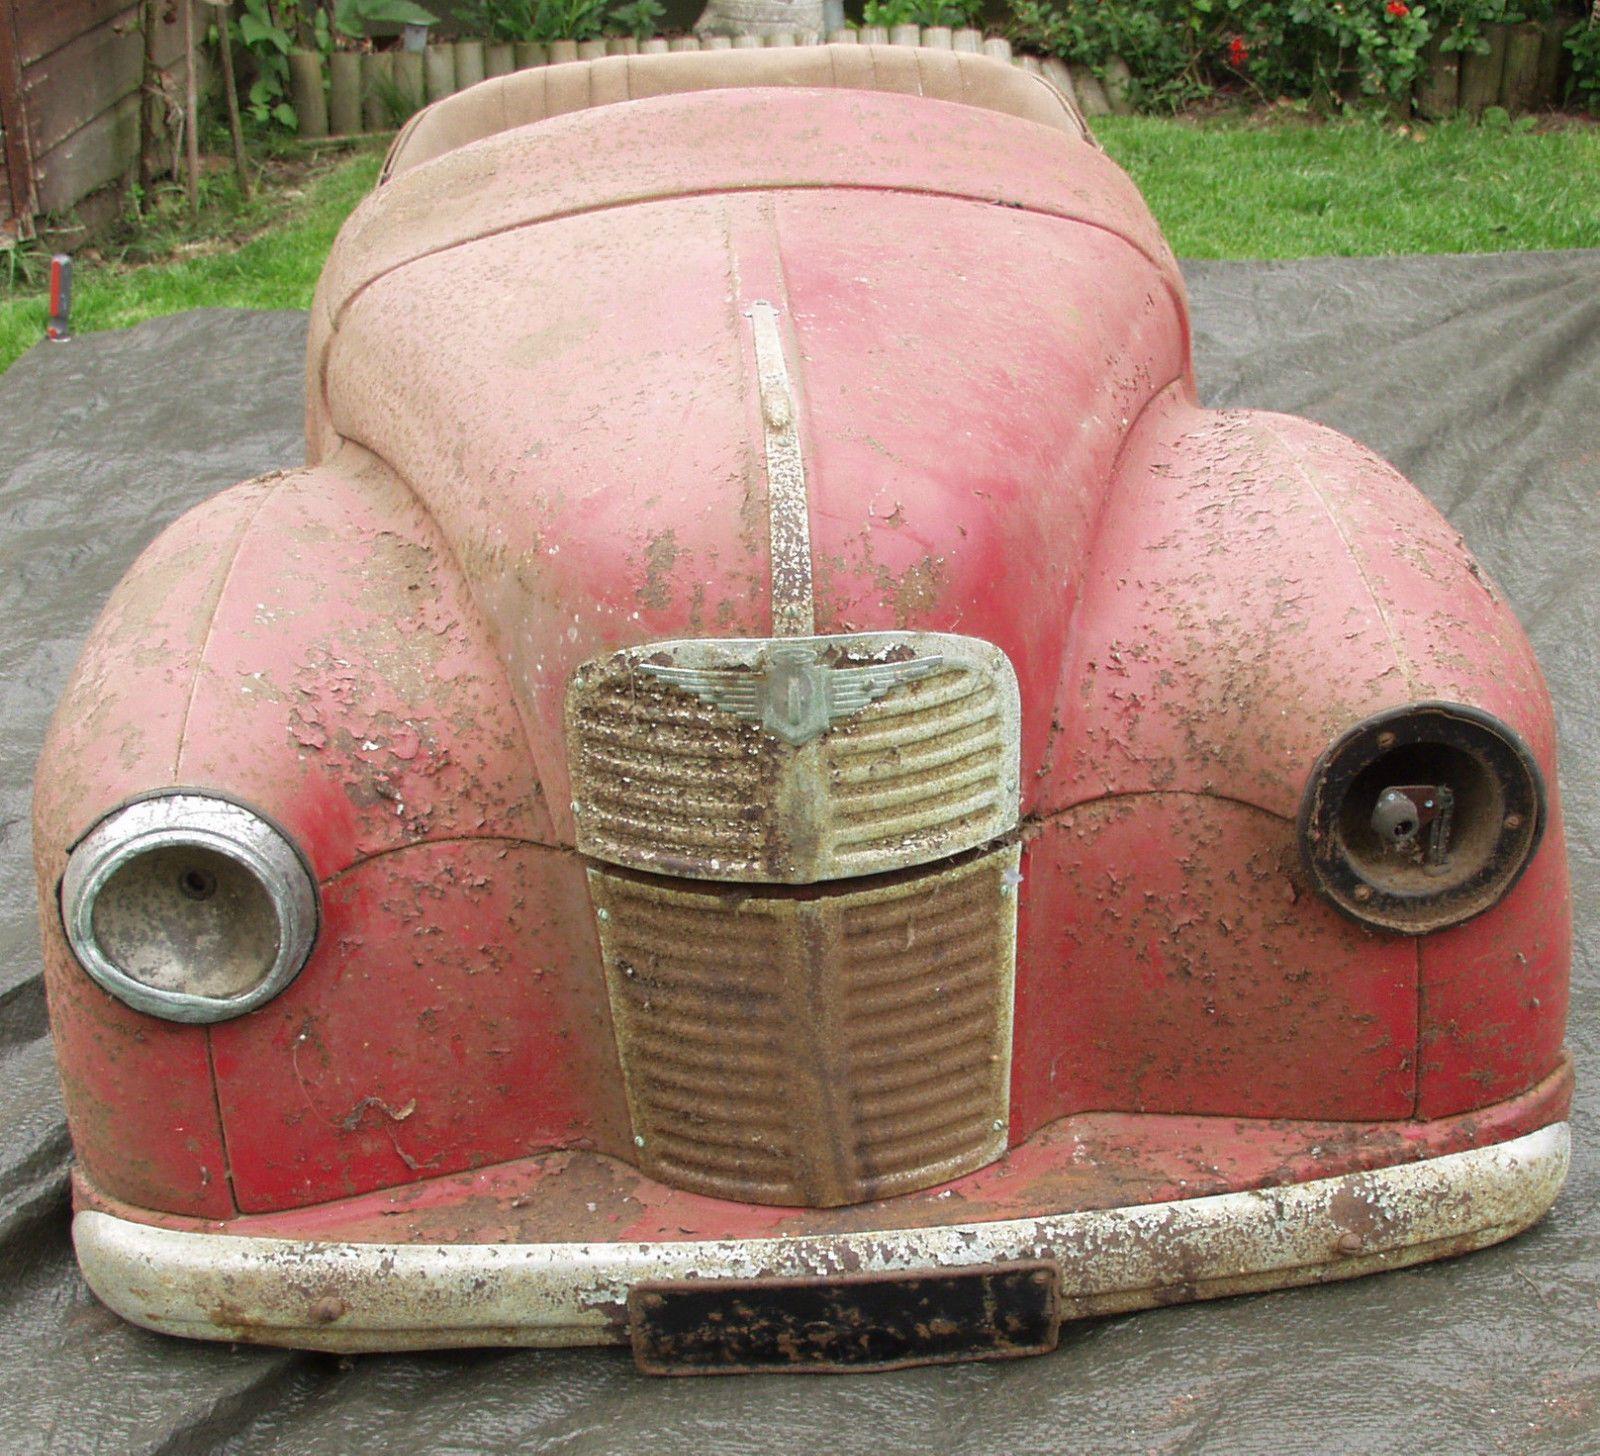 Austin J40 Pedal Car - http://www.ebay.co.uk/itm/291231774435 ...